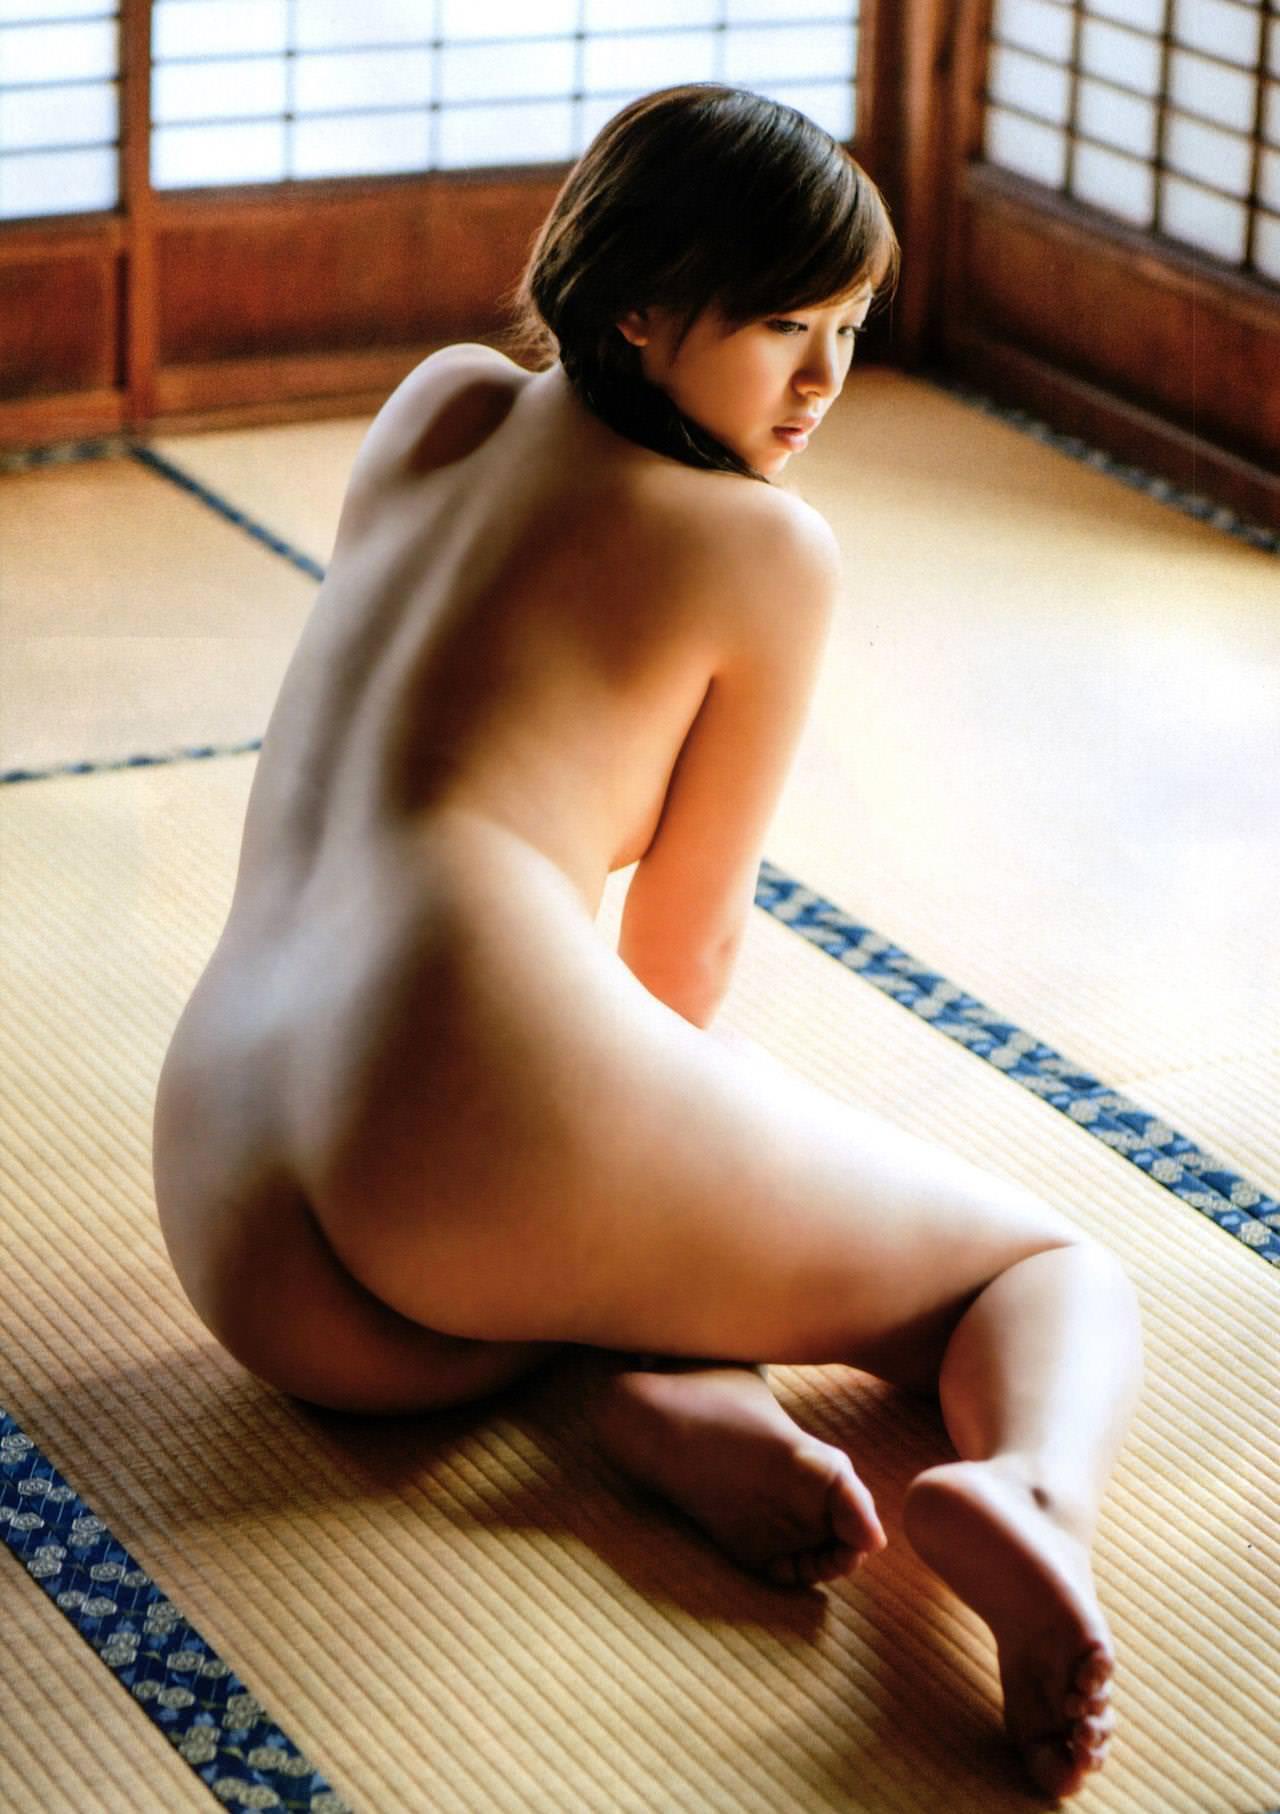 芸能人ヌード 生尻エロ画像32枚!お尻ヌードってことは撮影現場ではオマンコ見えてるってことだよな?www・19枚目の画像